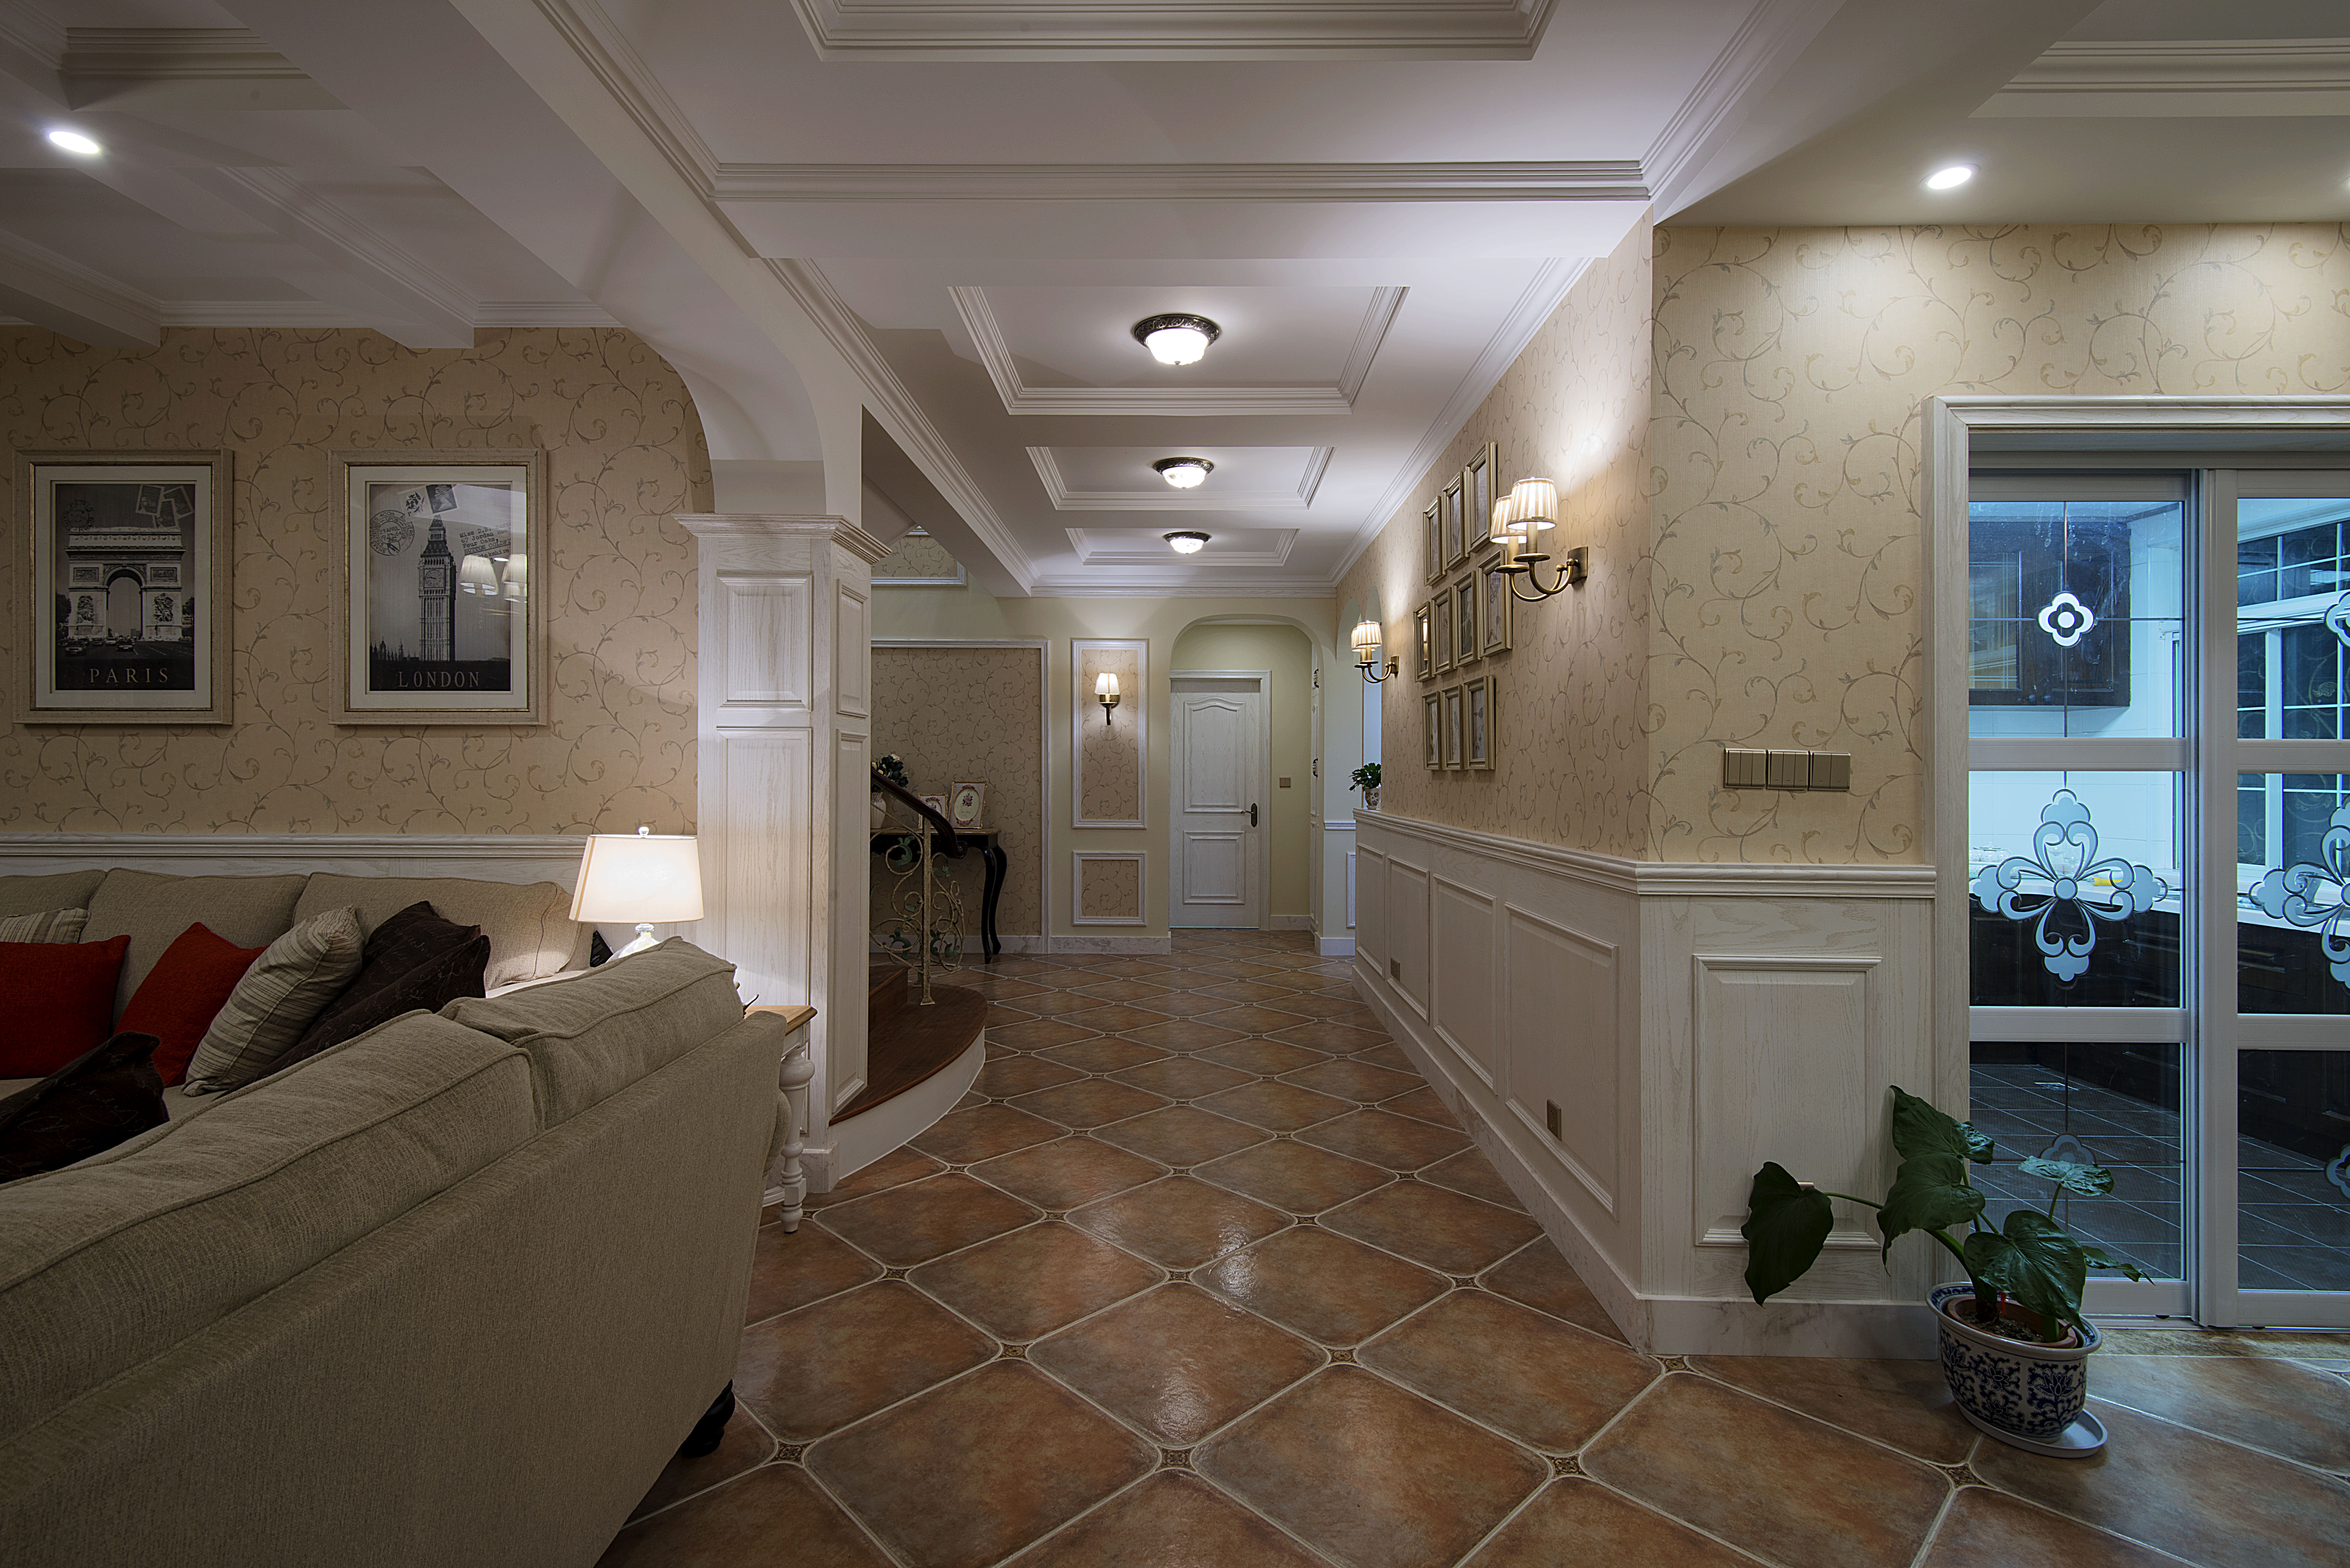 美式风格别墅设计走廊图片